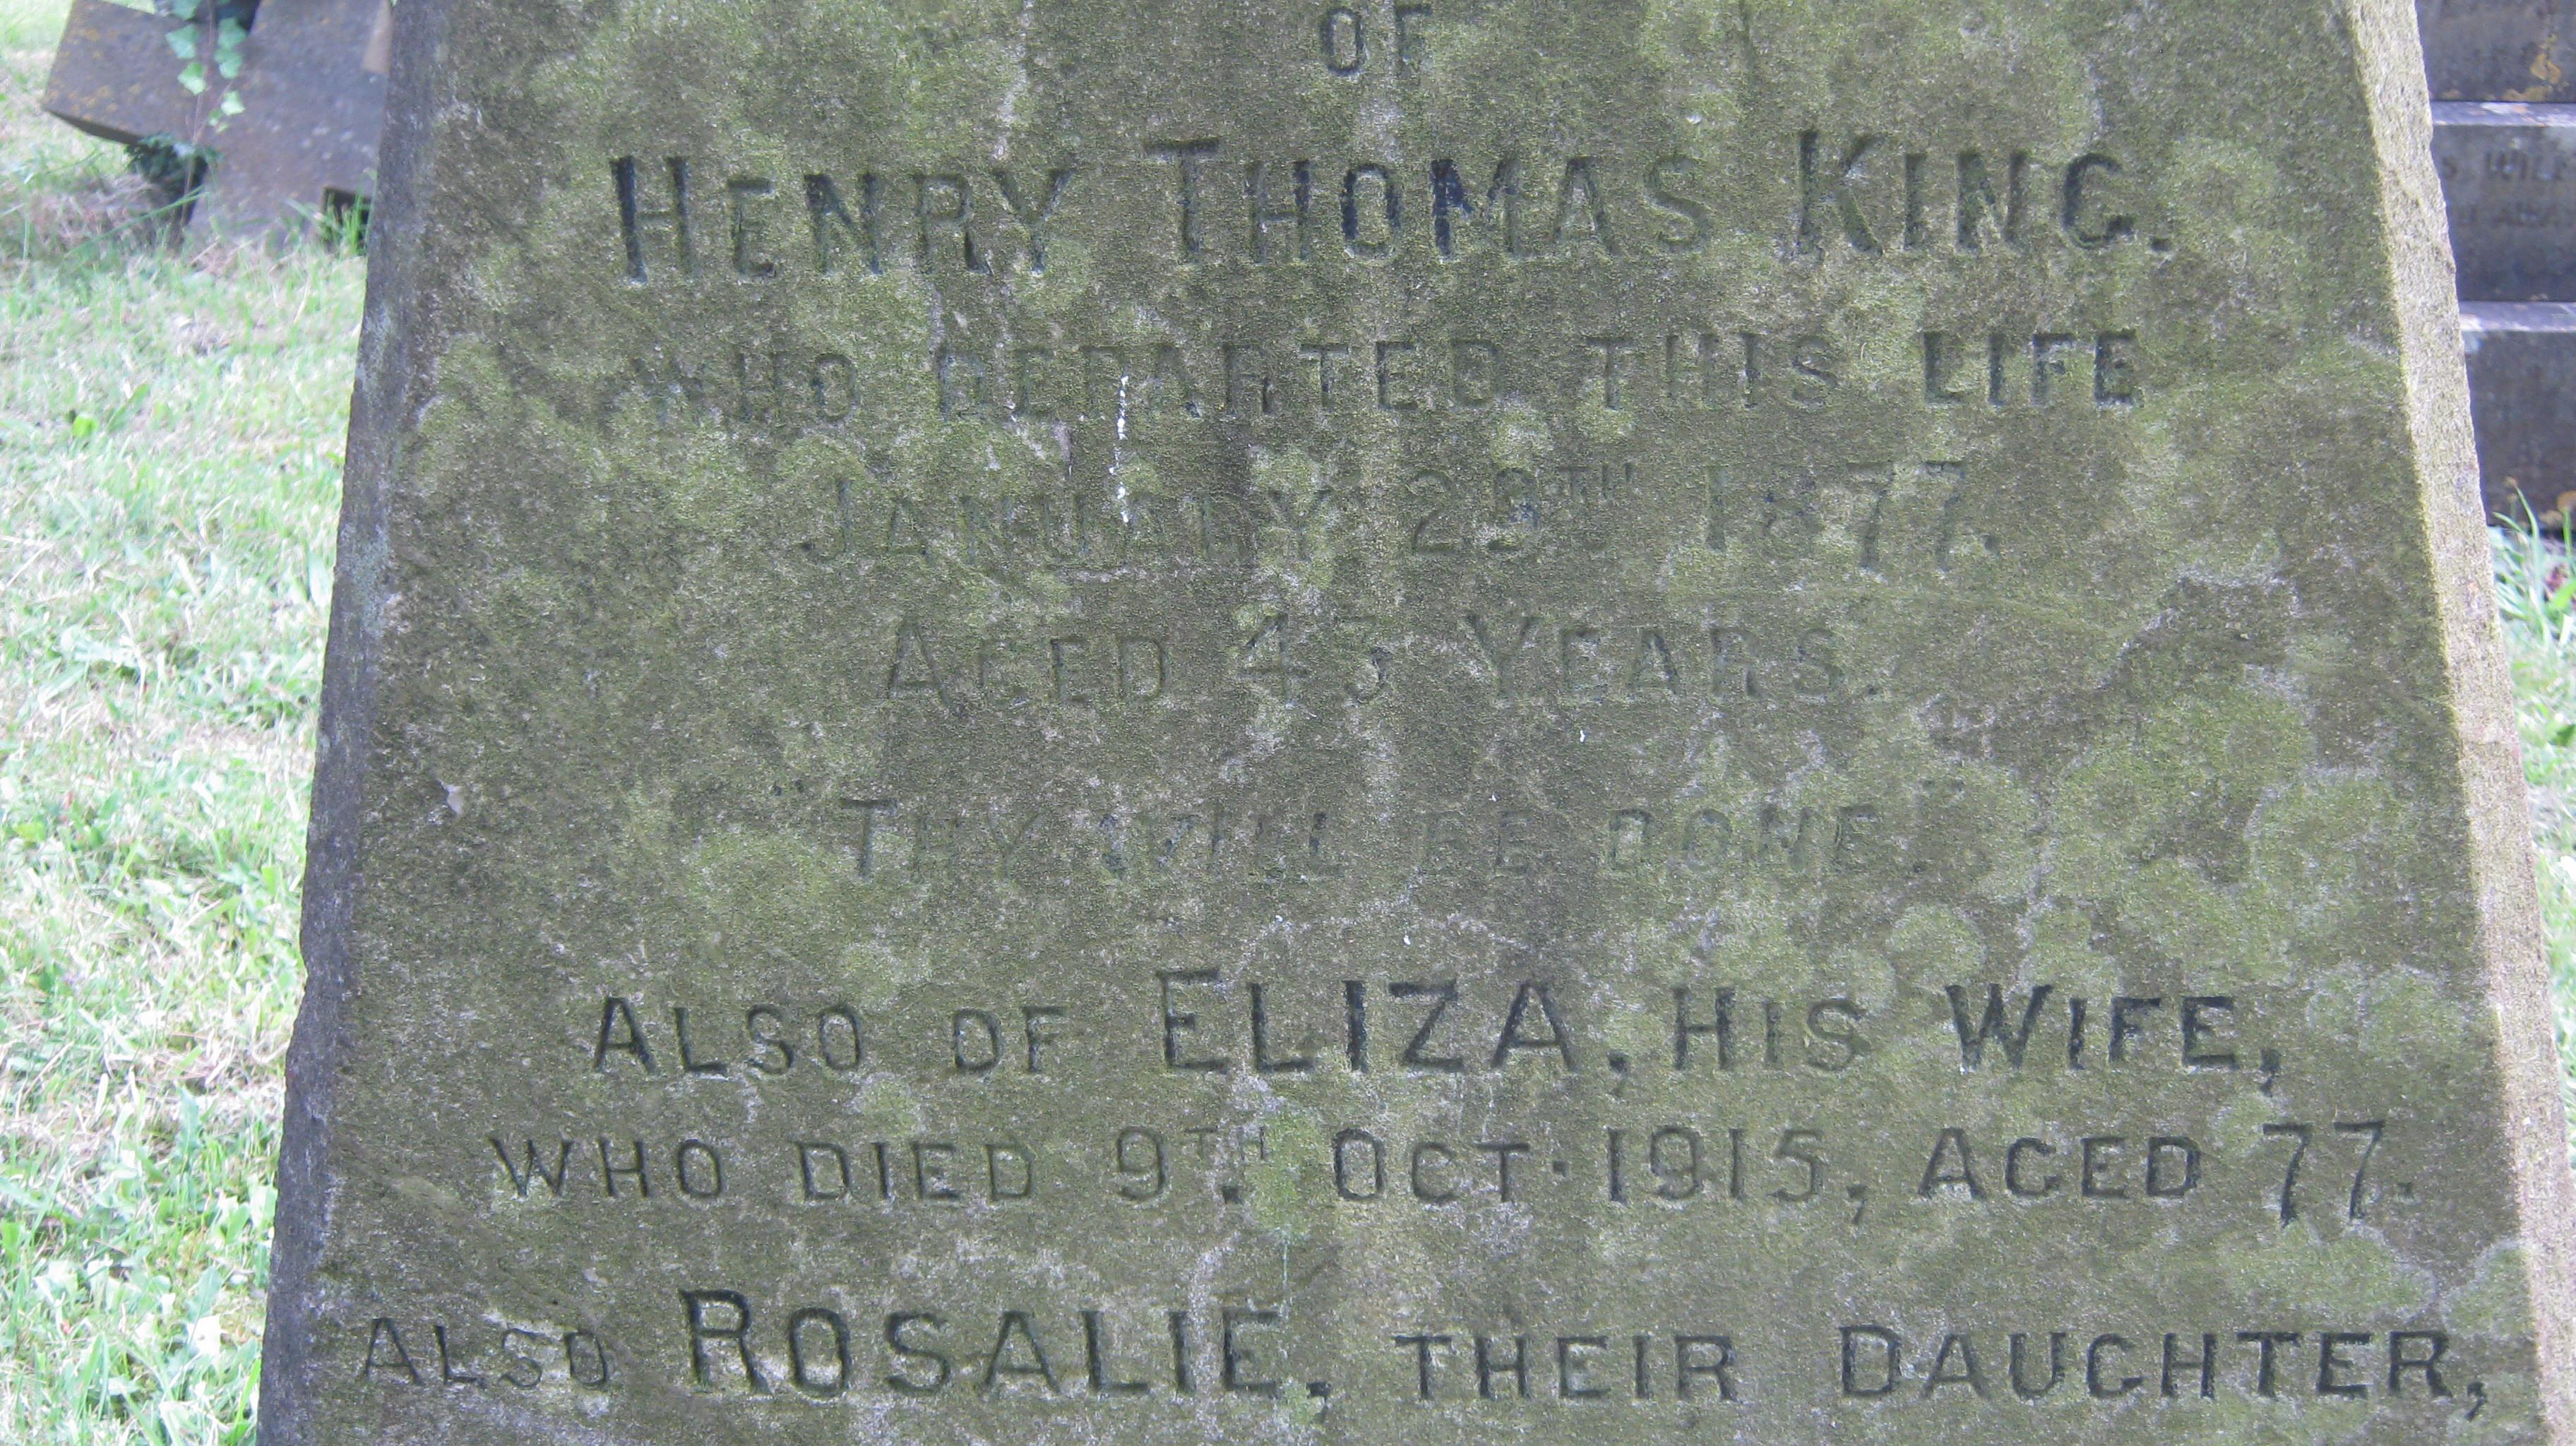 Rosalie King